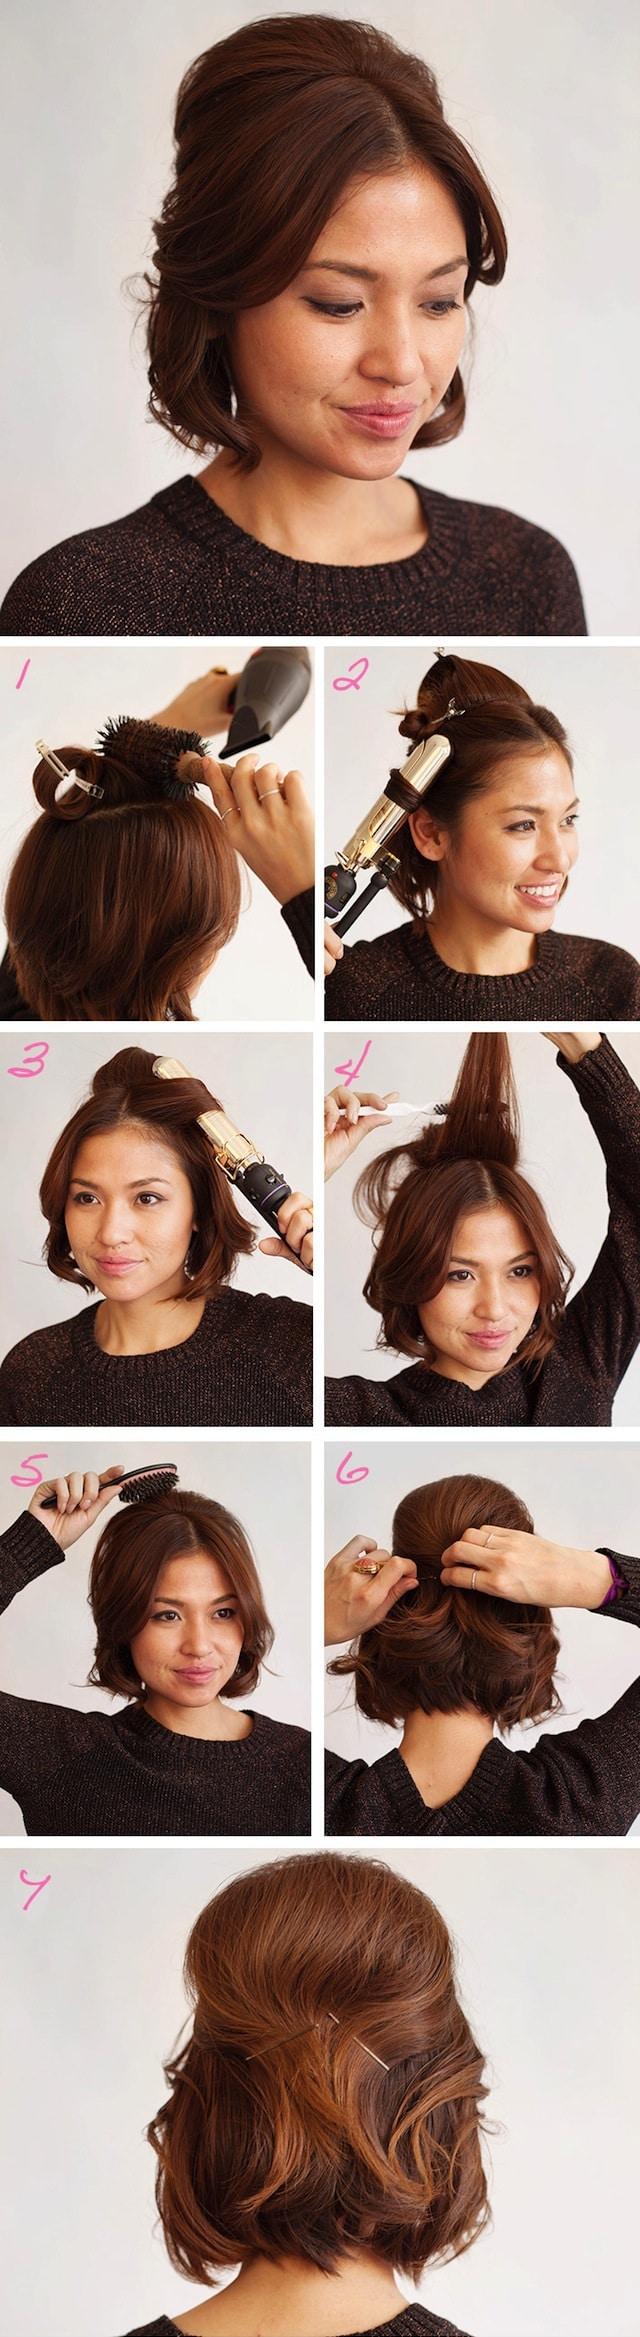 10 Coiffures Pour Cheveux Courts A Essayer Absolument 2021